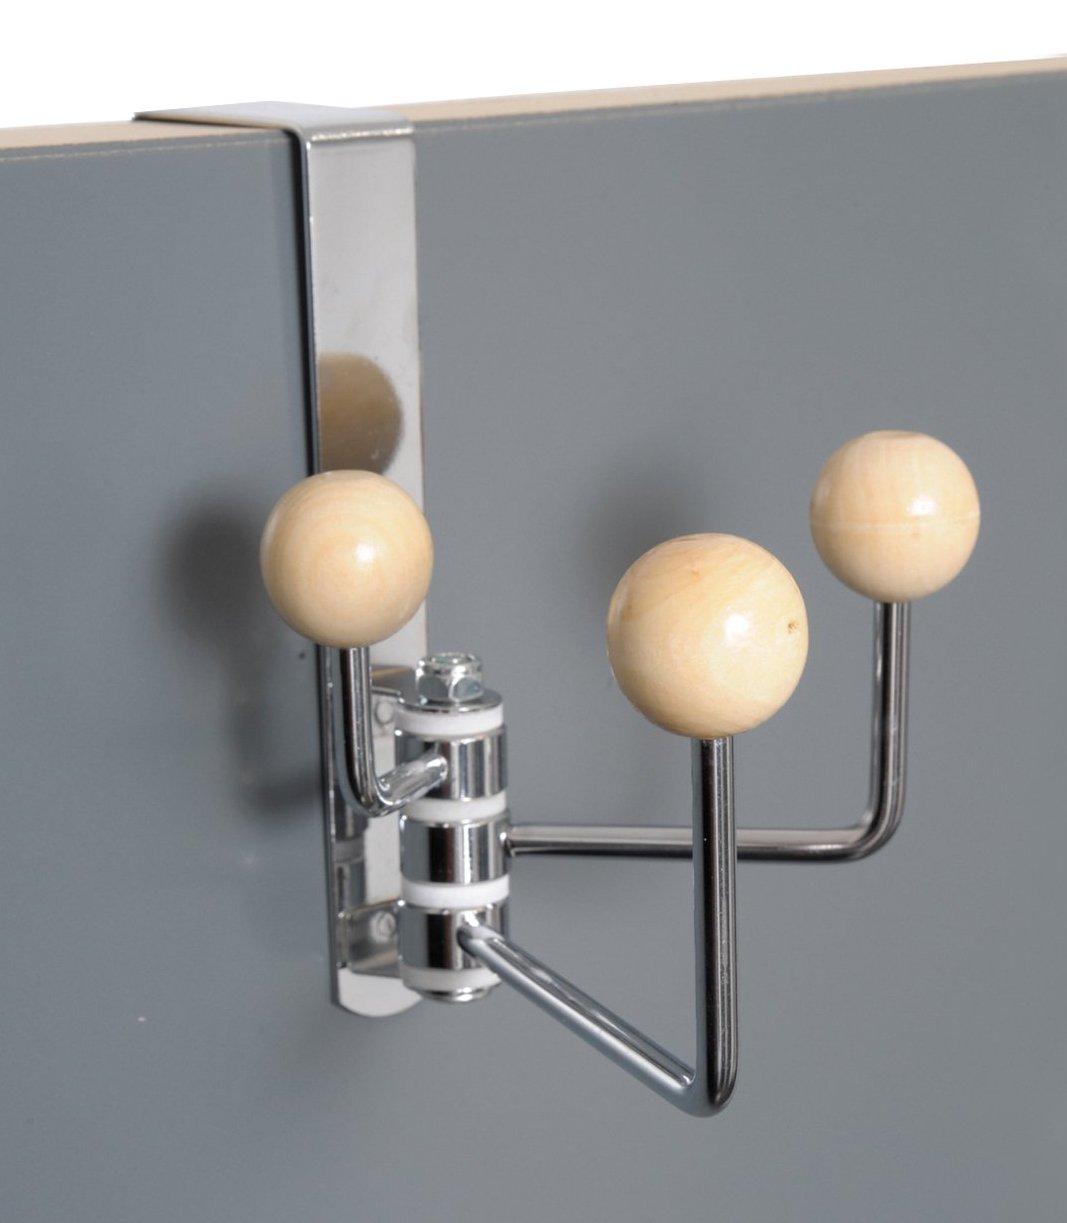 EVIDECO Over-The-Door Metal Swivel Hook Color: Brown